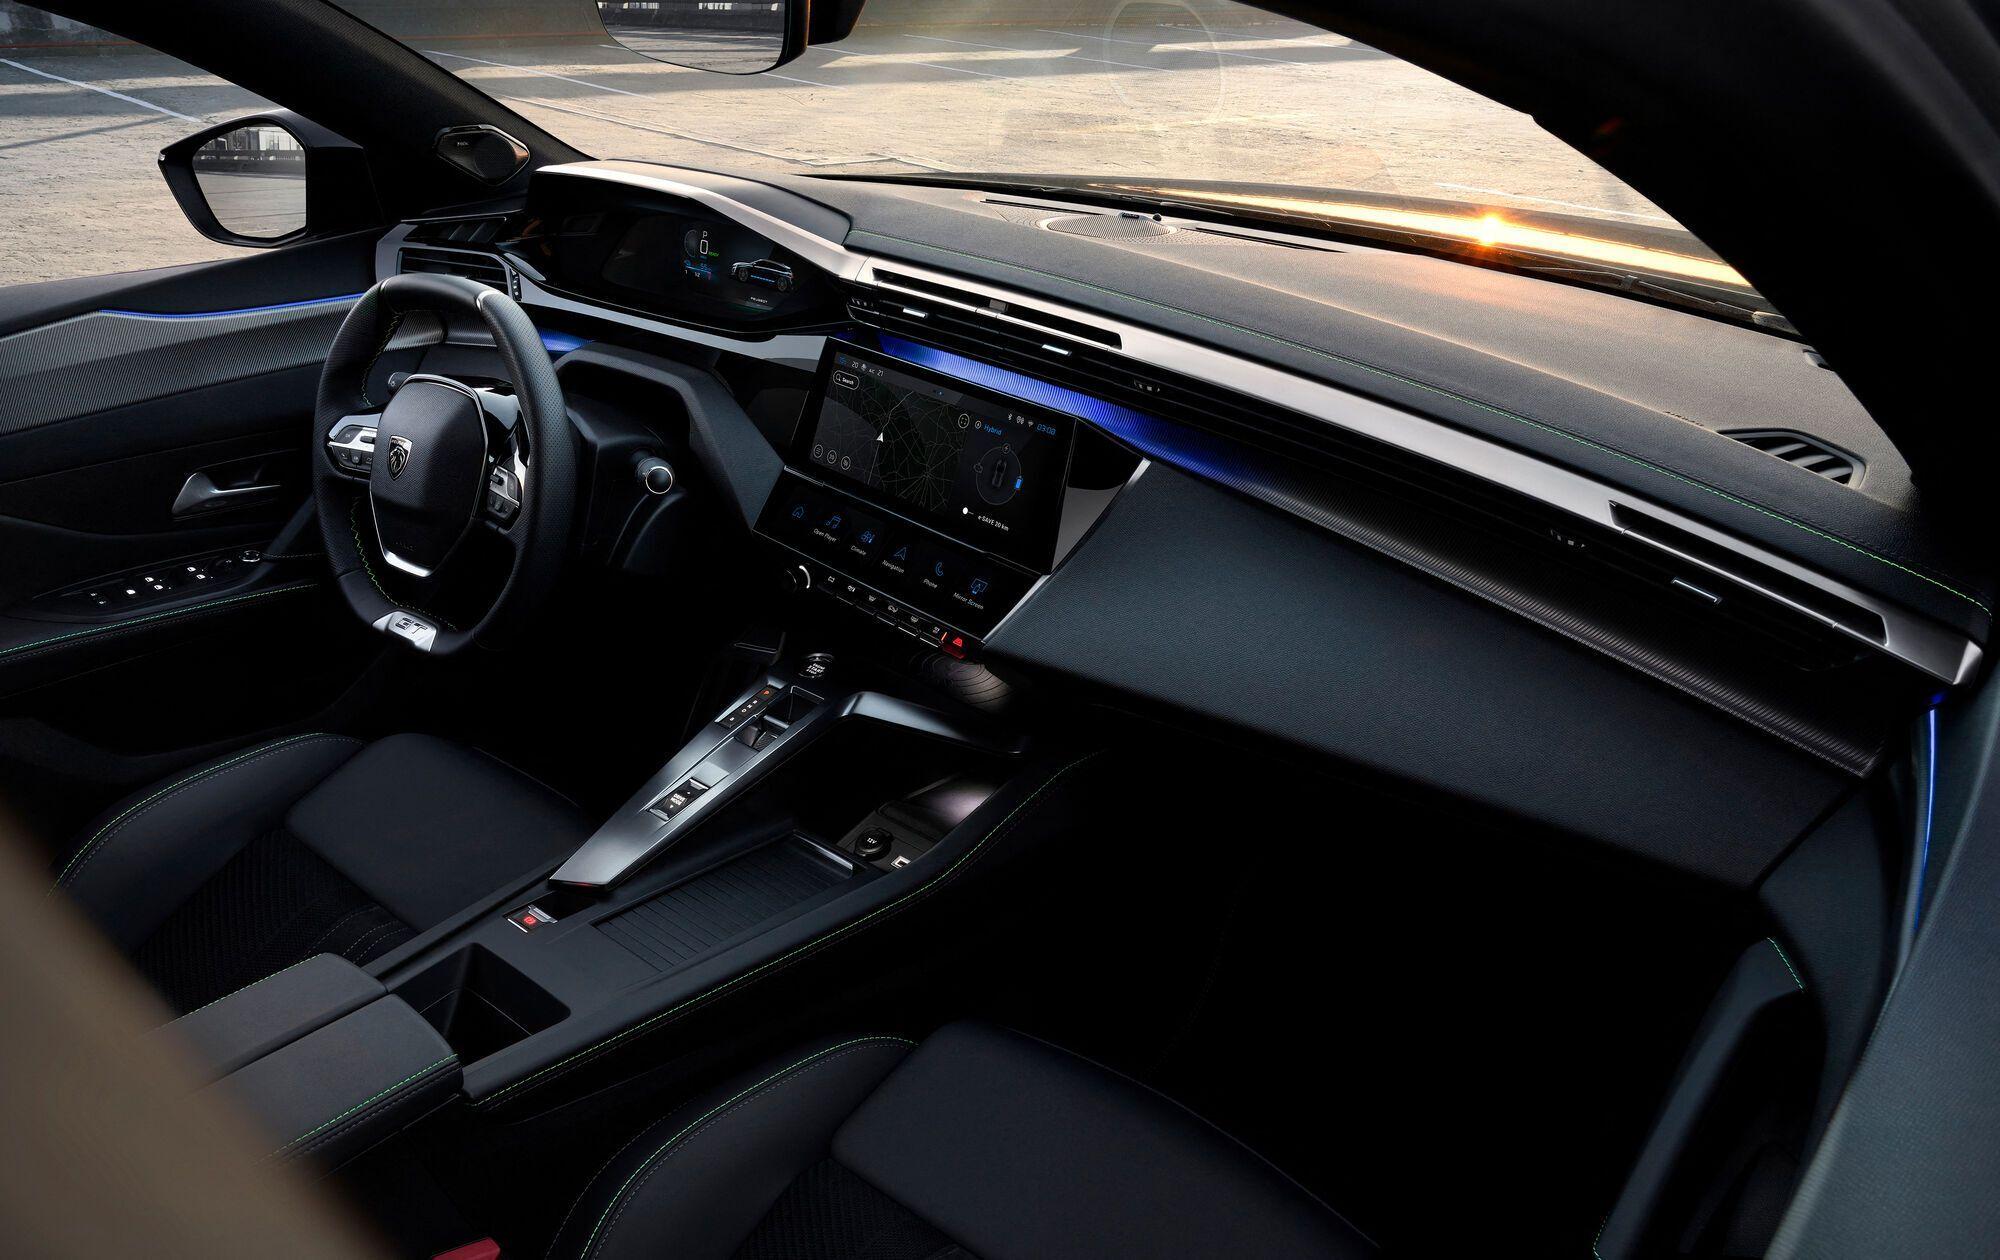 Дизайн интерьера i-Cockpit второго поколения полностью перекочевал с родственного хэтчбека